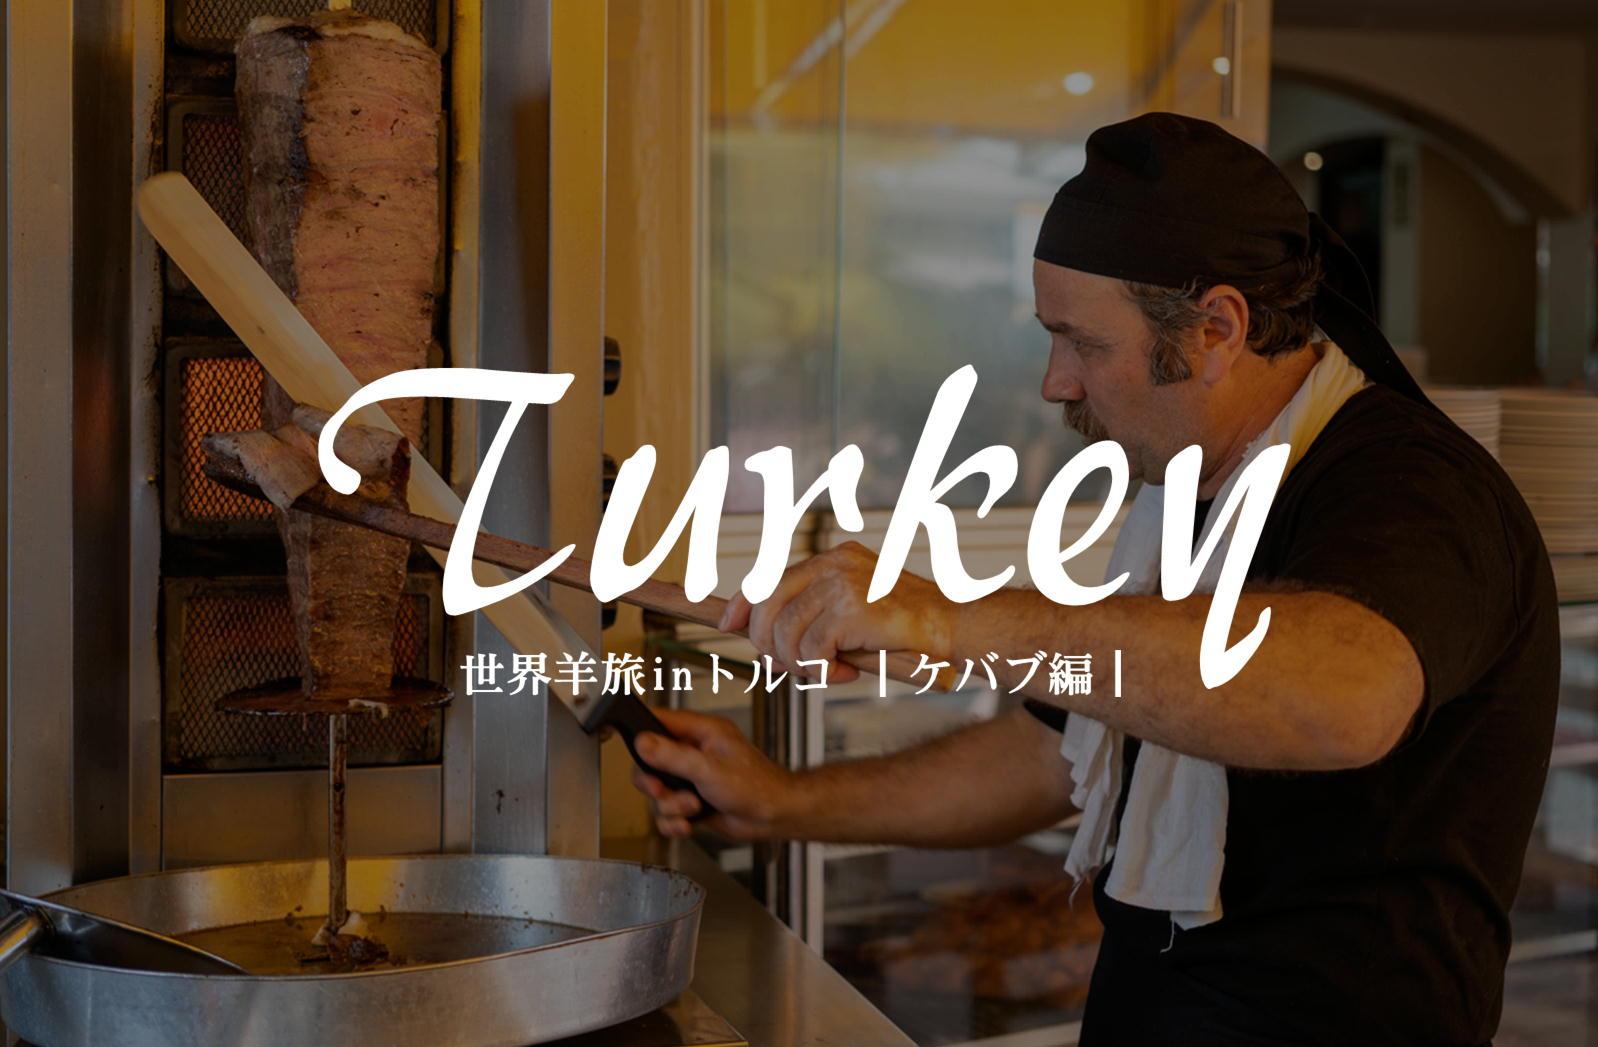 世界三大料理の一角「トルコ料理」は羊肉オンパレード《ケバブ編》【トルコ/イスタンブール】